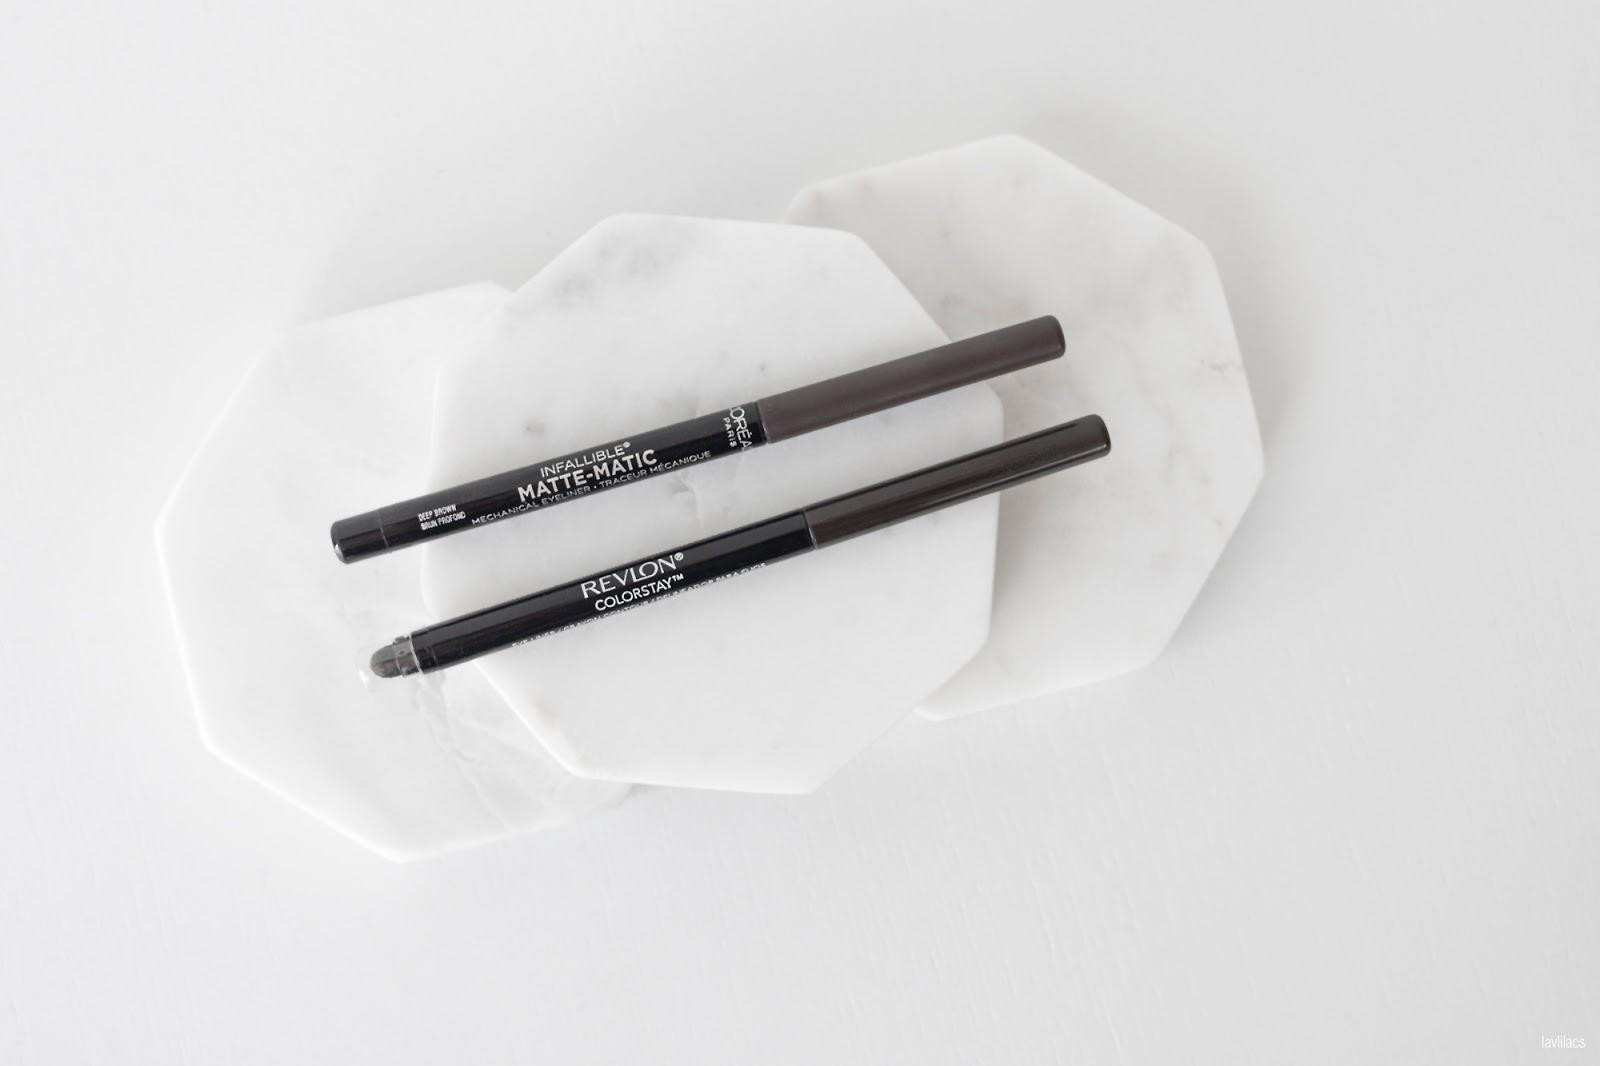 lavlilacs Retractable Eyeliner Comparison Review - L'Oreal Matte-Matic versus Revlon Colorstay